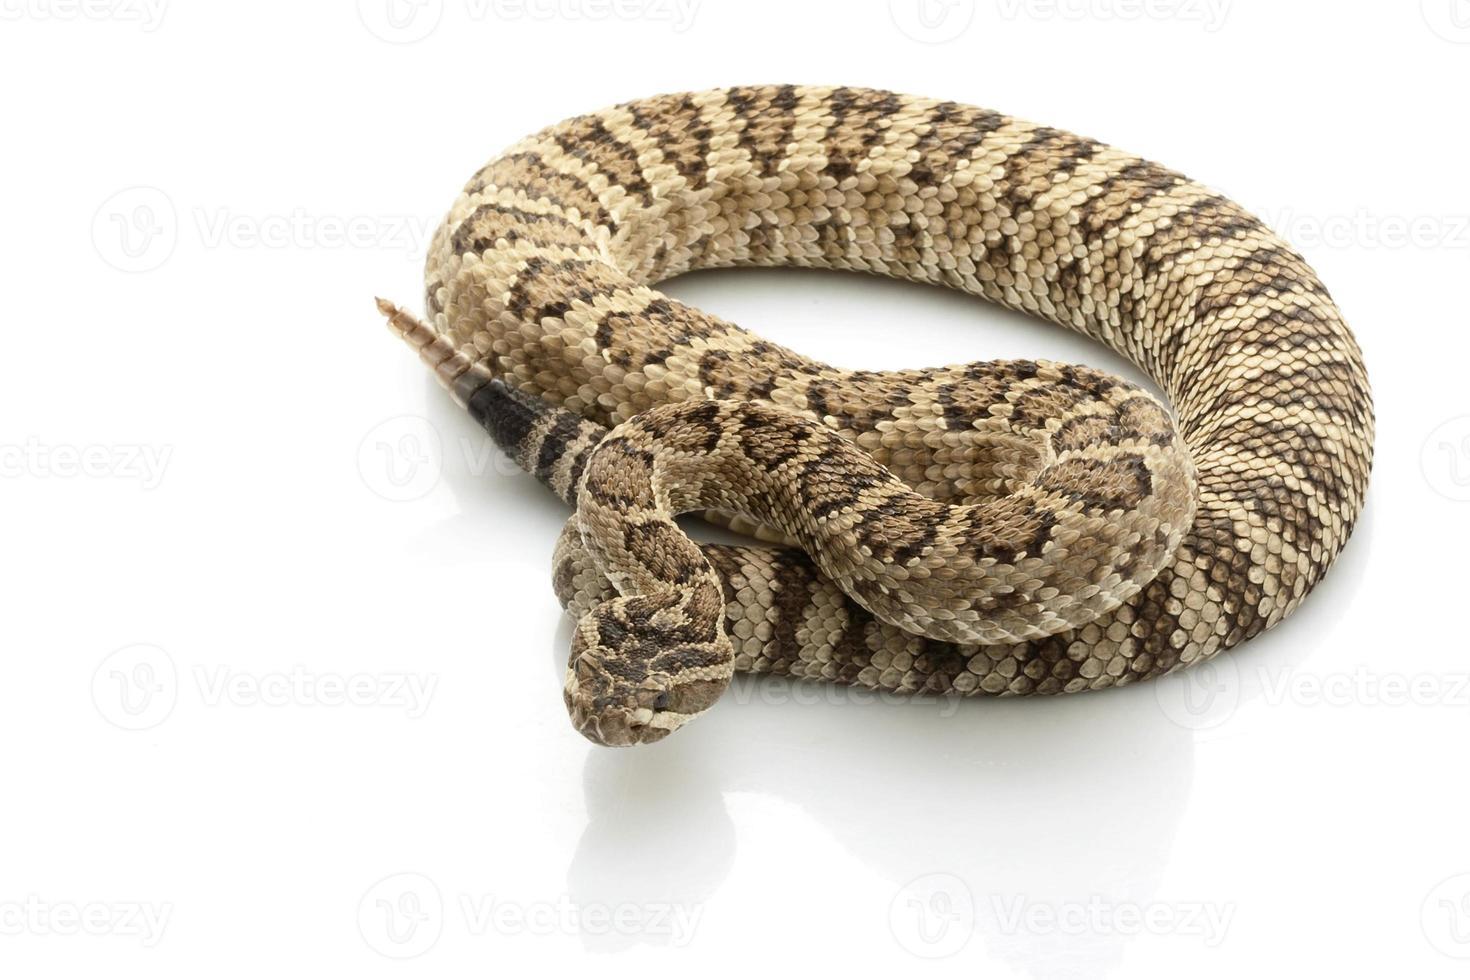 serpent à sonnette grand bassin photo